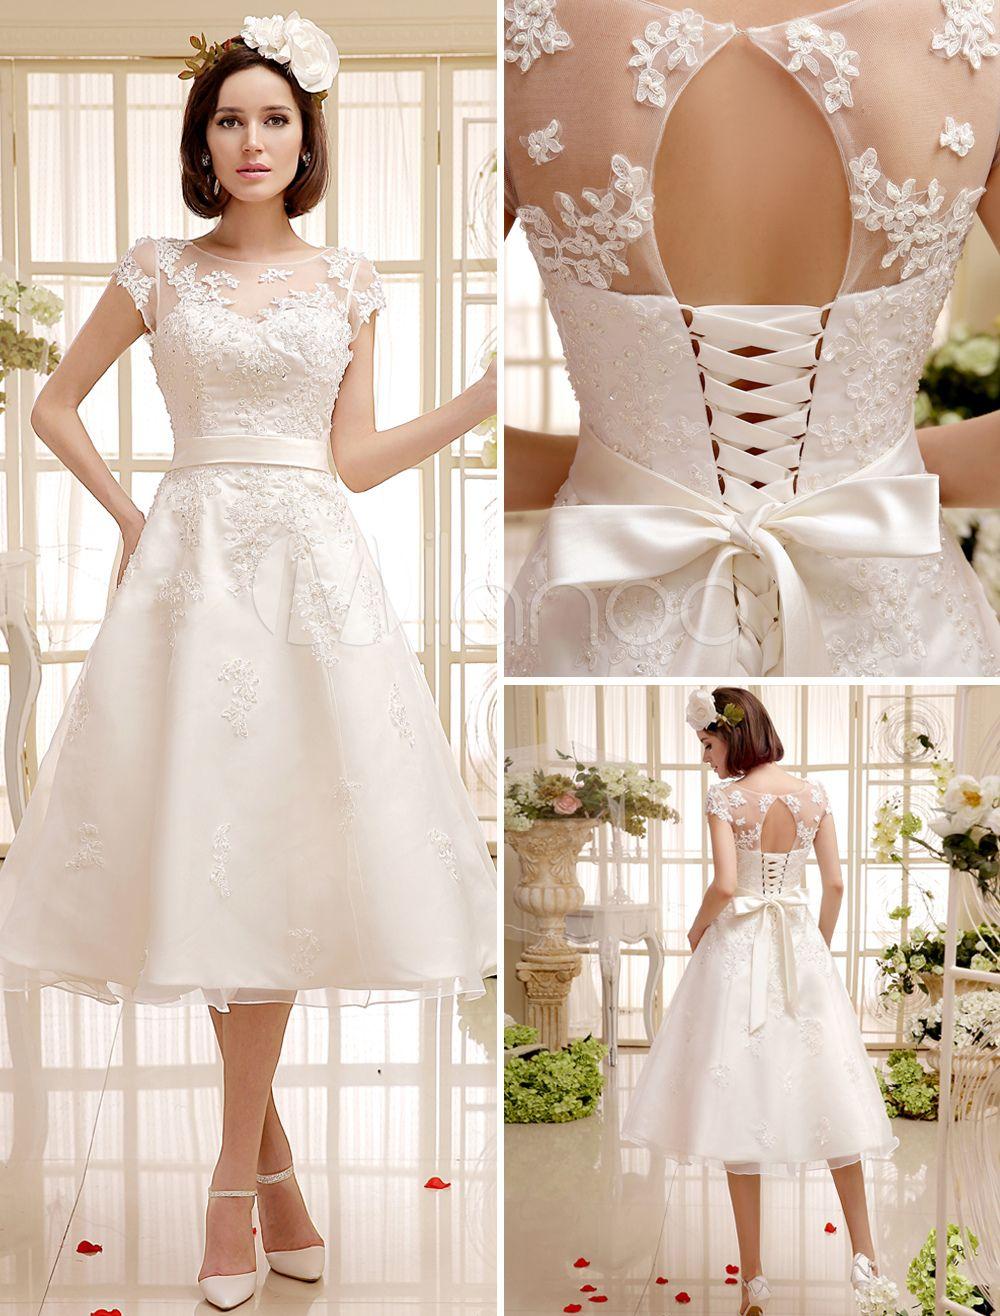 A-Linie-Brautkleid mit Spitzen in Elfenbeinfarbe | Wedding photos ...